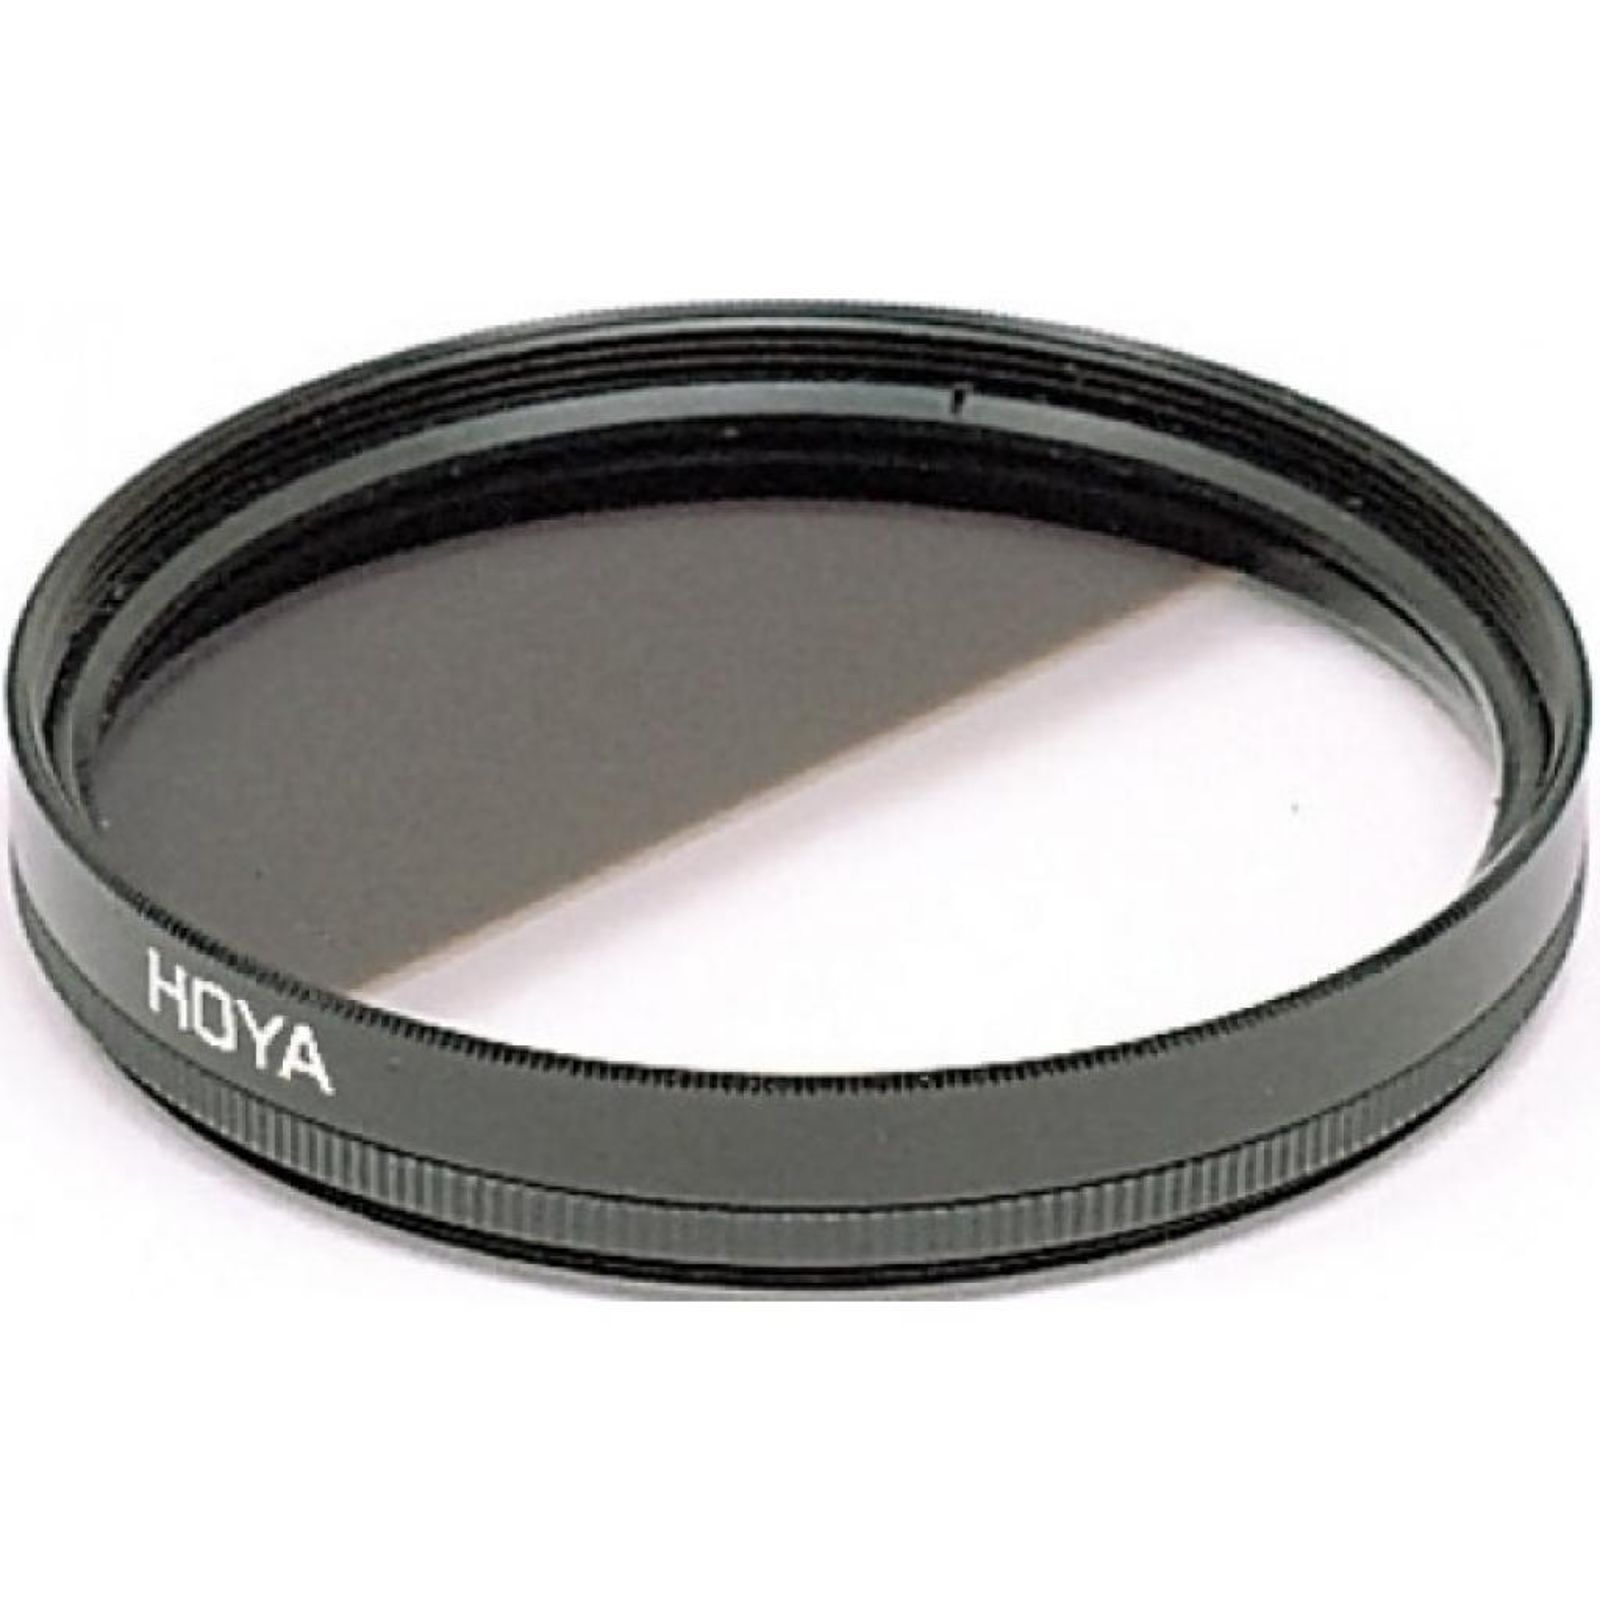 Светофильтр Hoya TEK half NDX4 52mm (0024066018144)